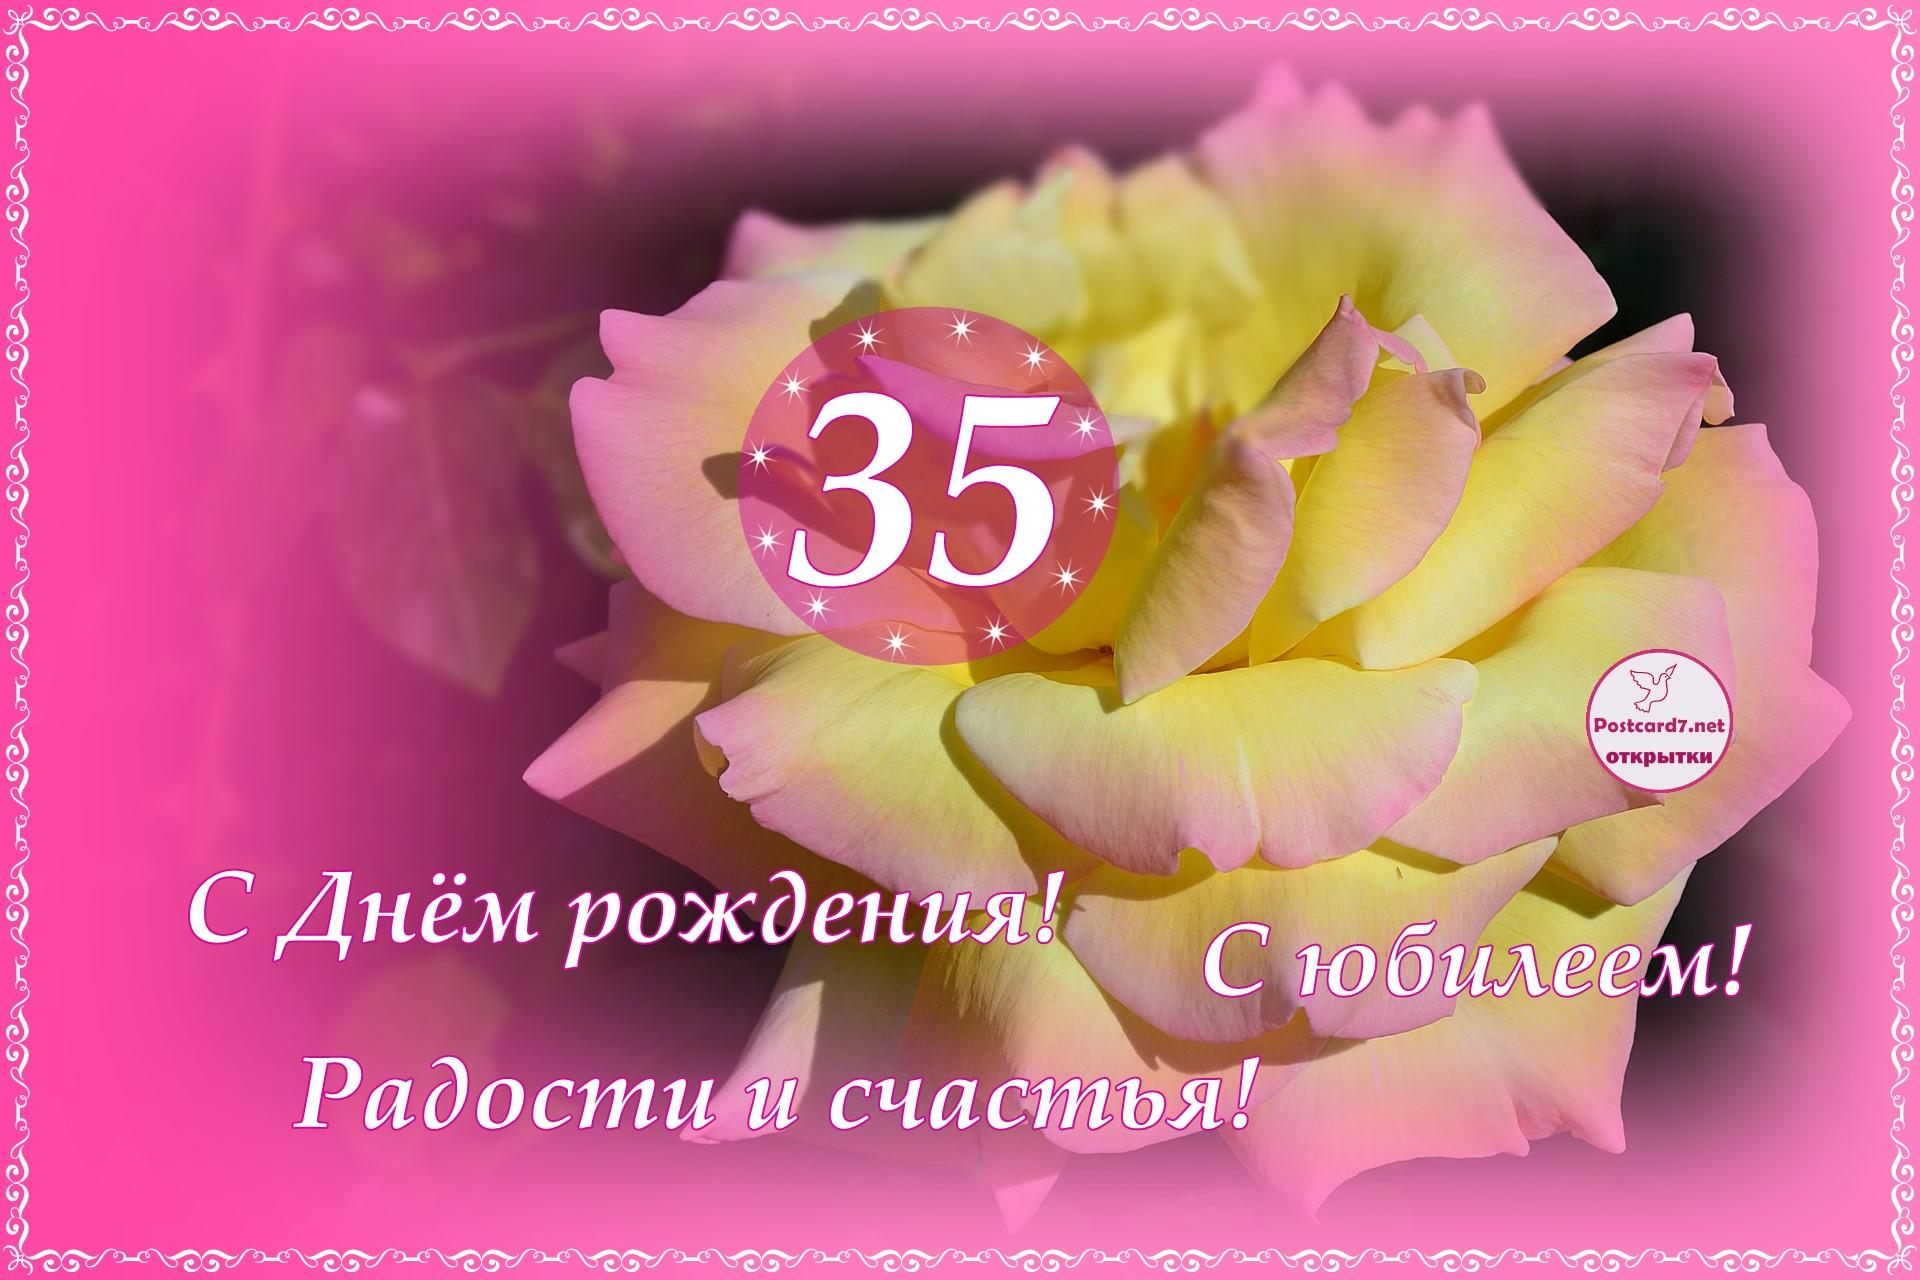 Фото открытки с днем рождения сестренку с 35 летием